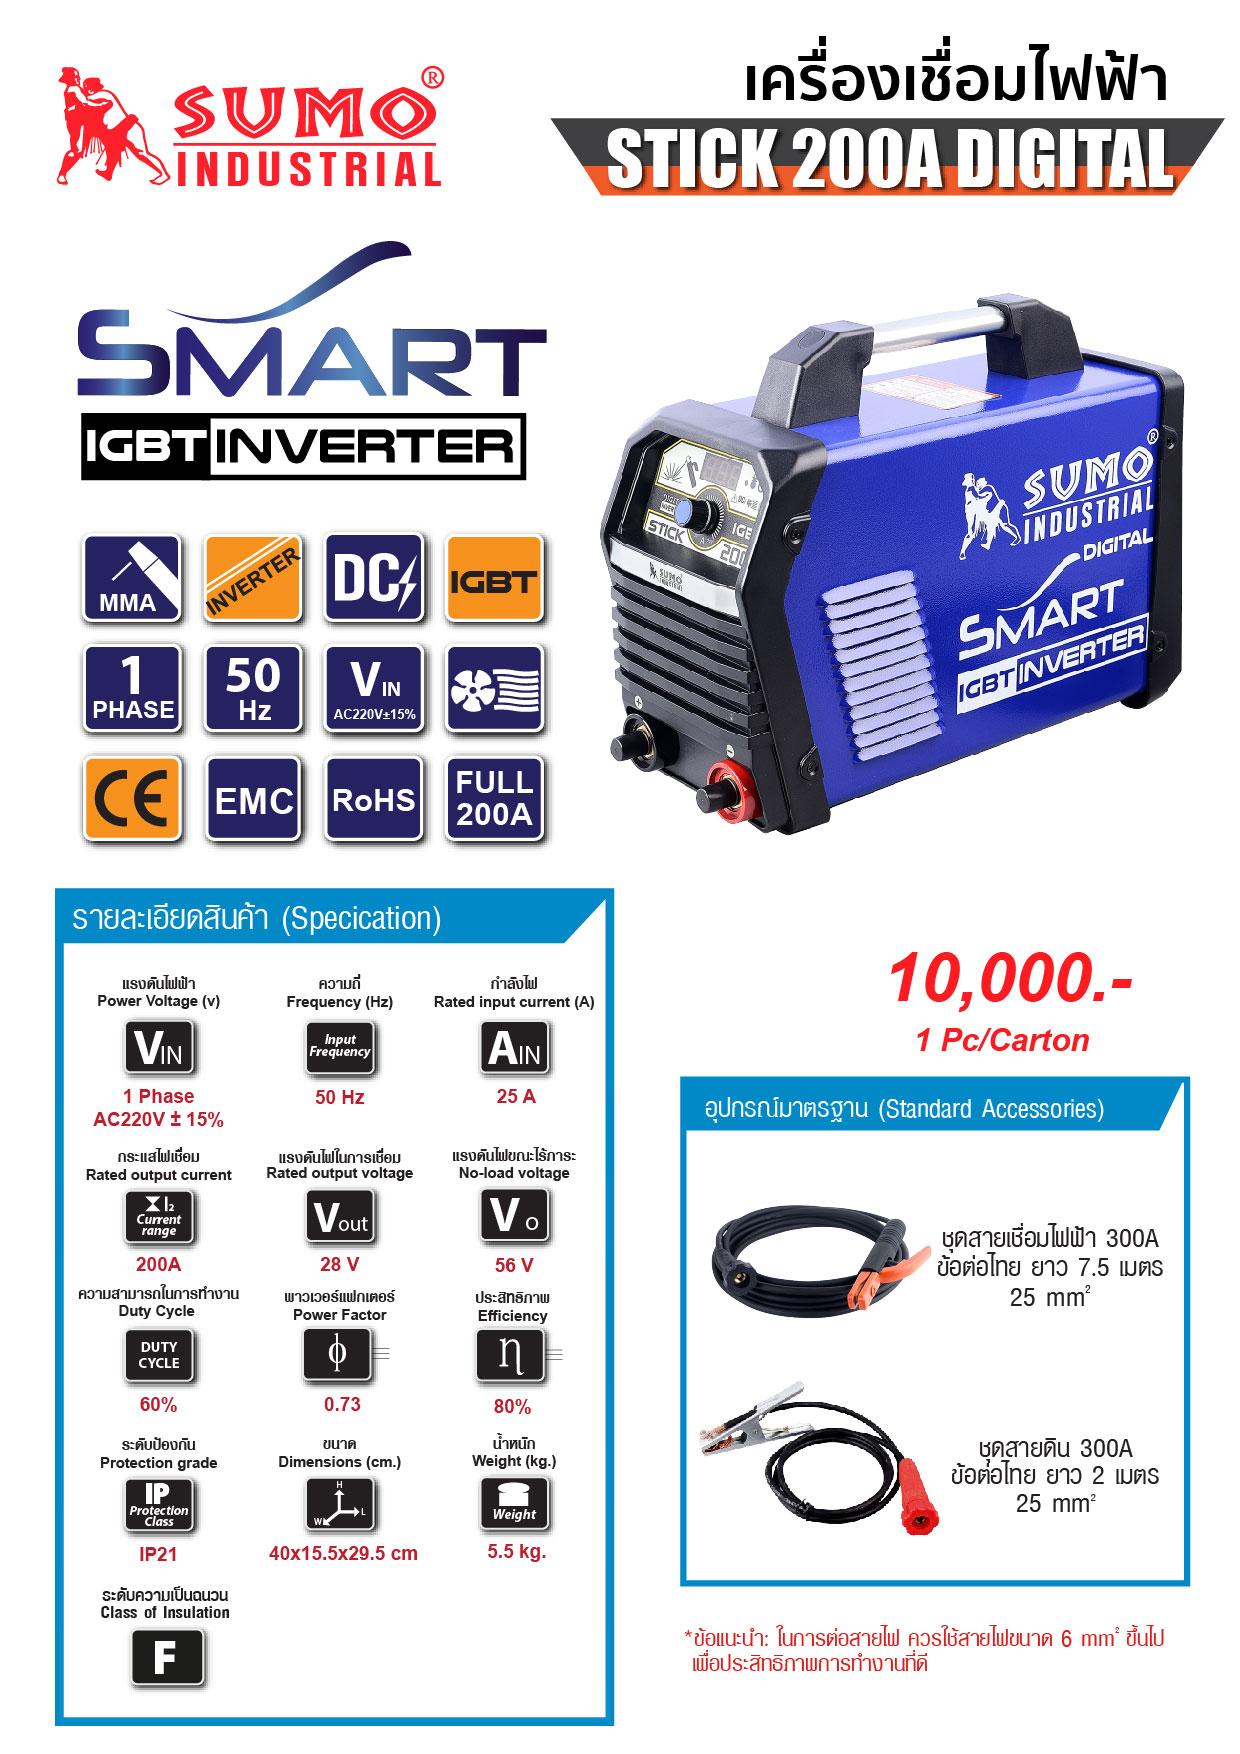 (17/19) เครื่องเชื่อมไฟฟ้า Stick 200a Digital